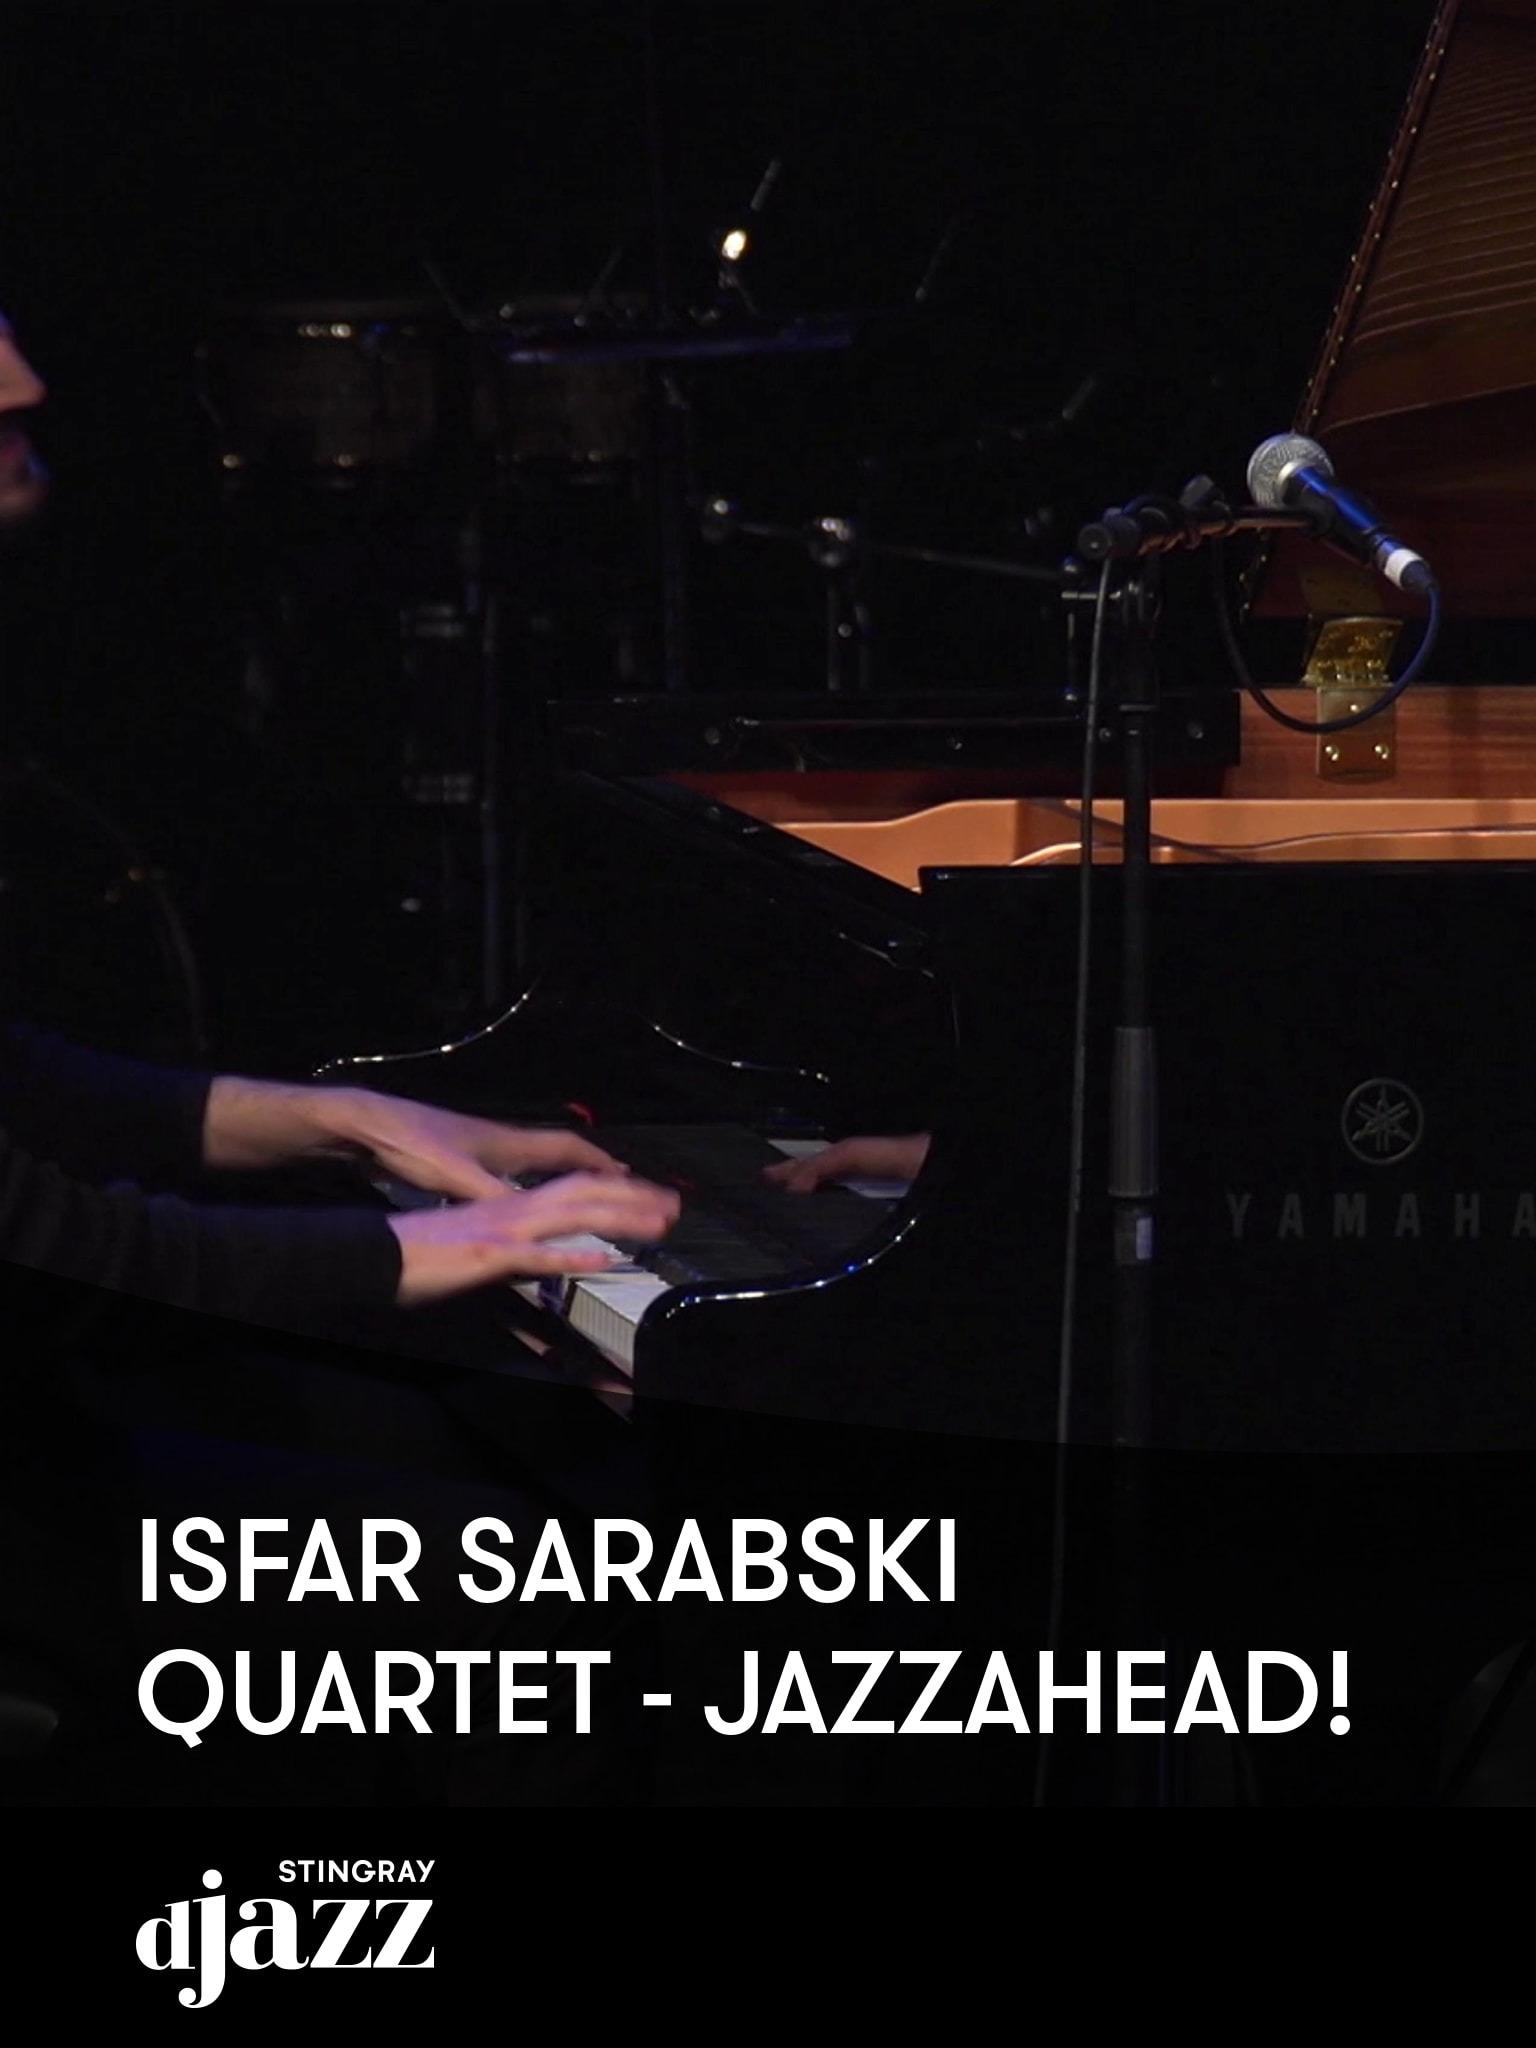 Isfar Sarabski Quartet - jazzahead!